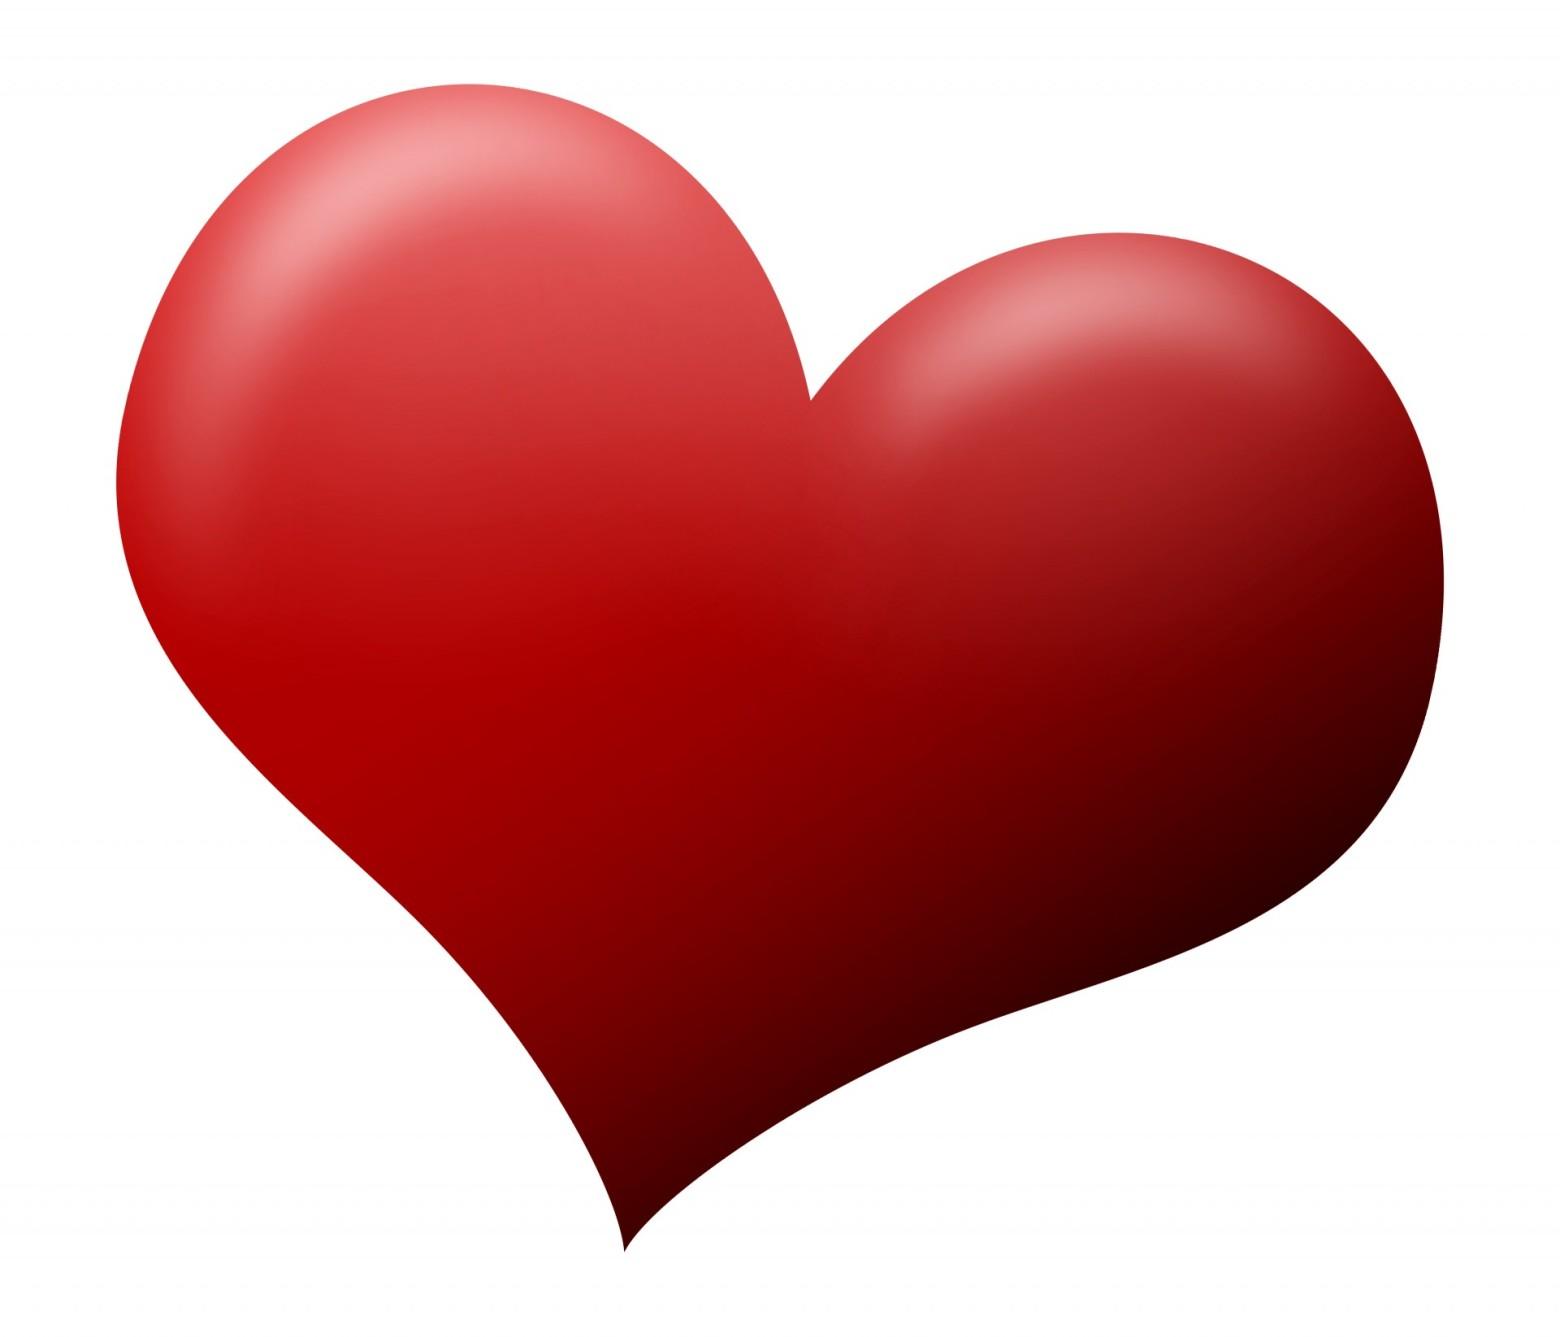 3d coeur sur un fond blanc images gratuites et libres de droits - Images coeur gratuites ...